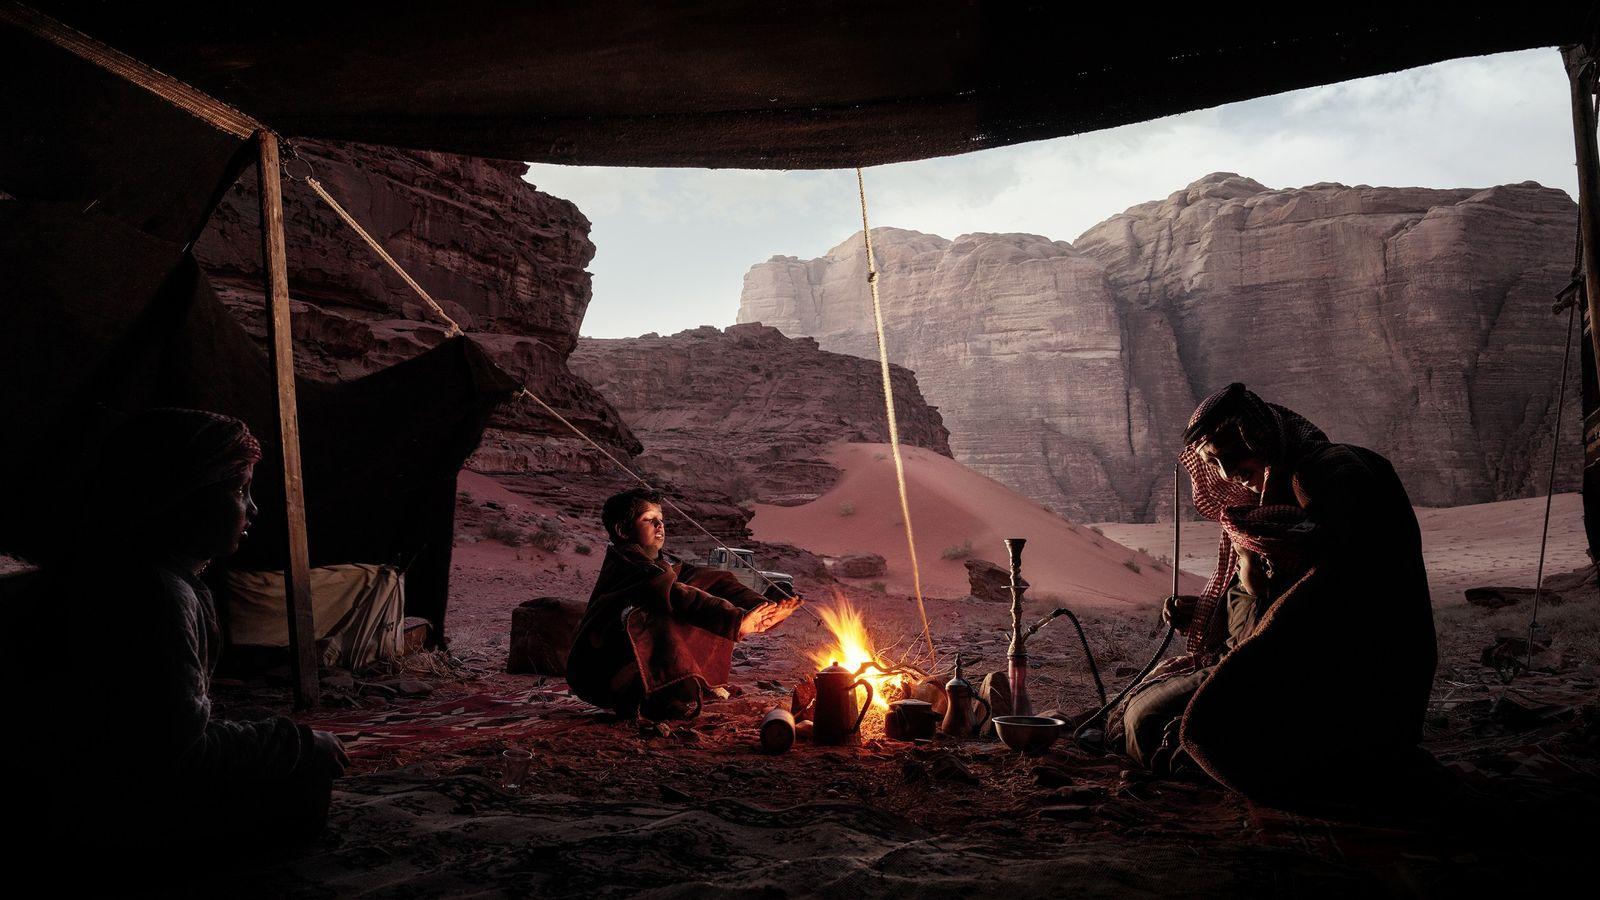 Ar Rimal – Wadi Rum, Jordanie, 2018 - Après avoir installé leur campement au milieu des ...